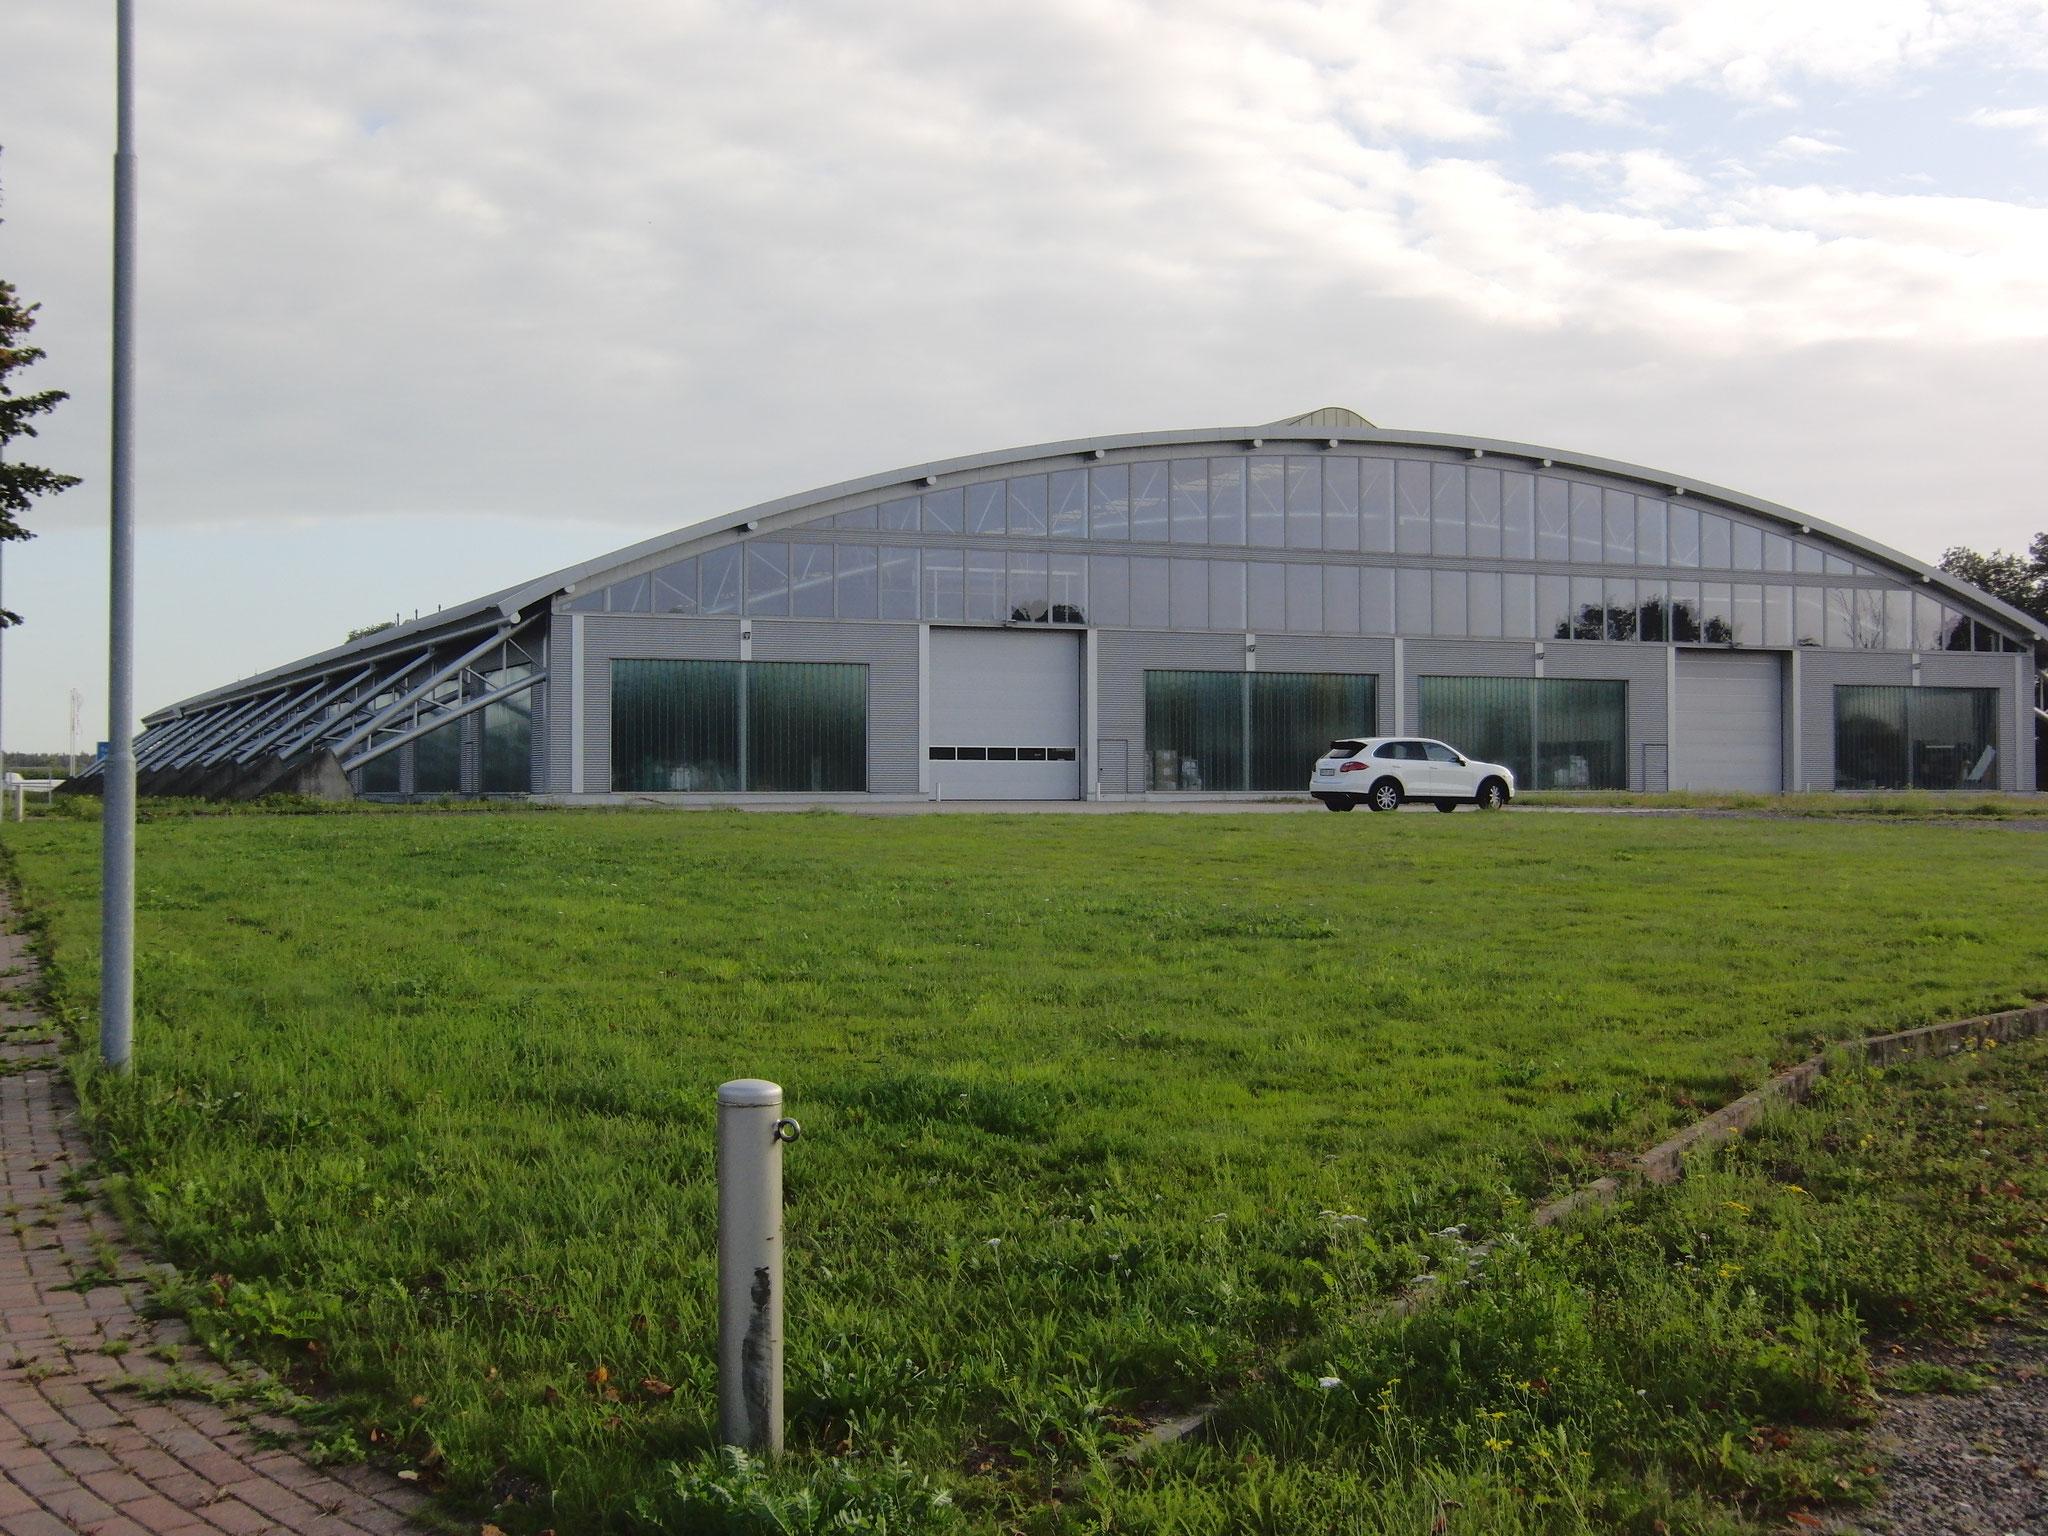 Behrens Grundbesitz GmbH & Co. KG; Lagerhalle